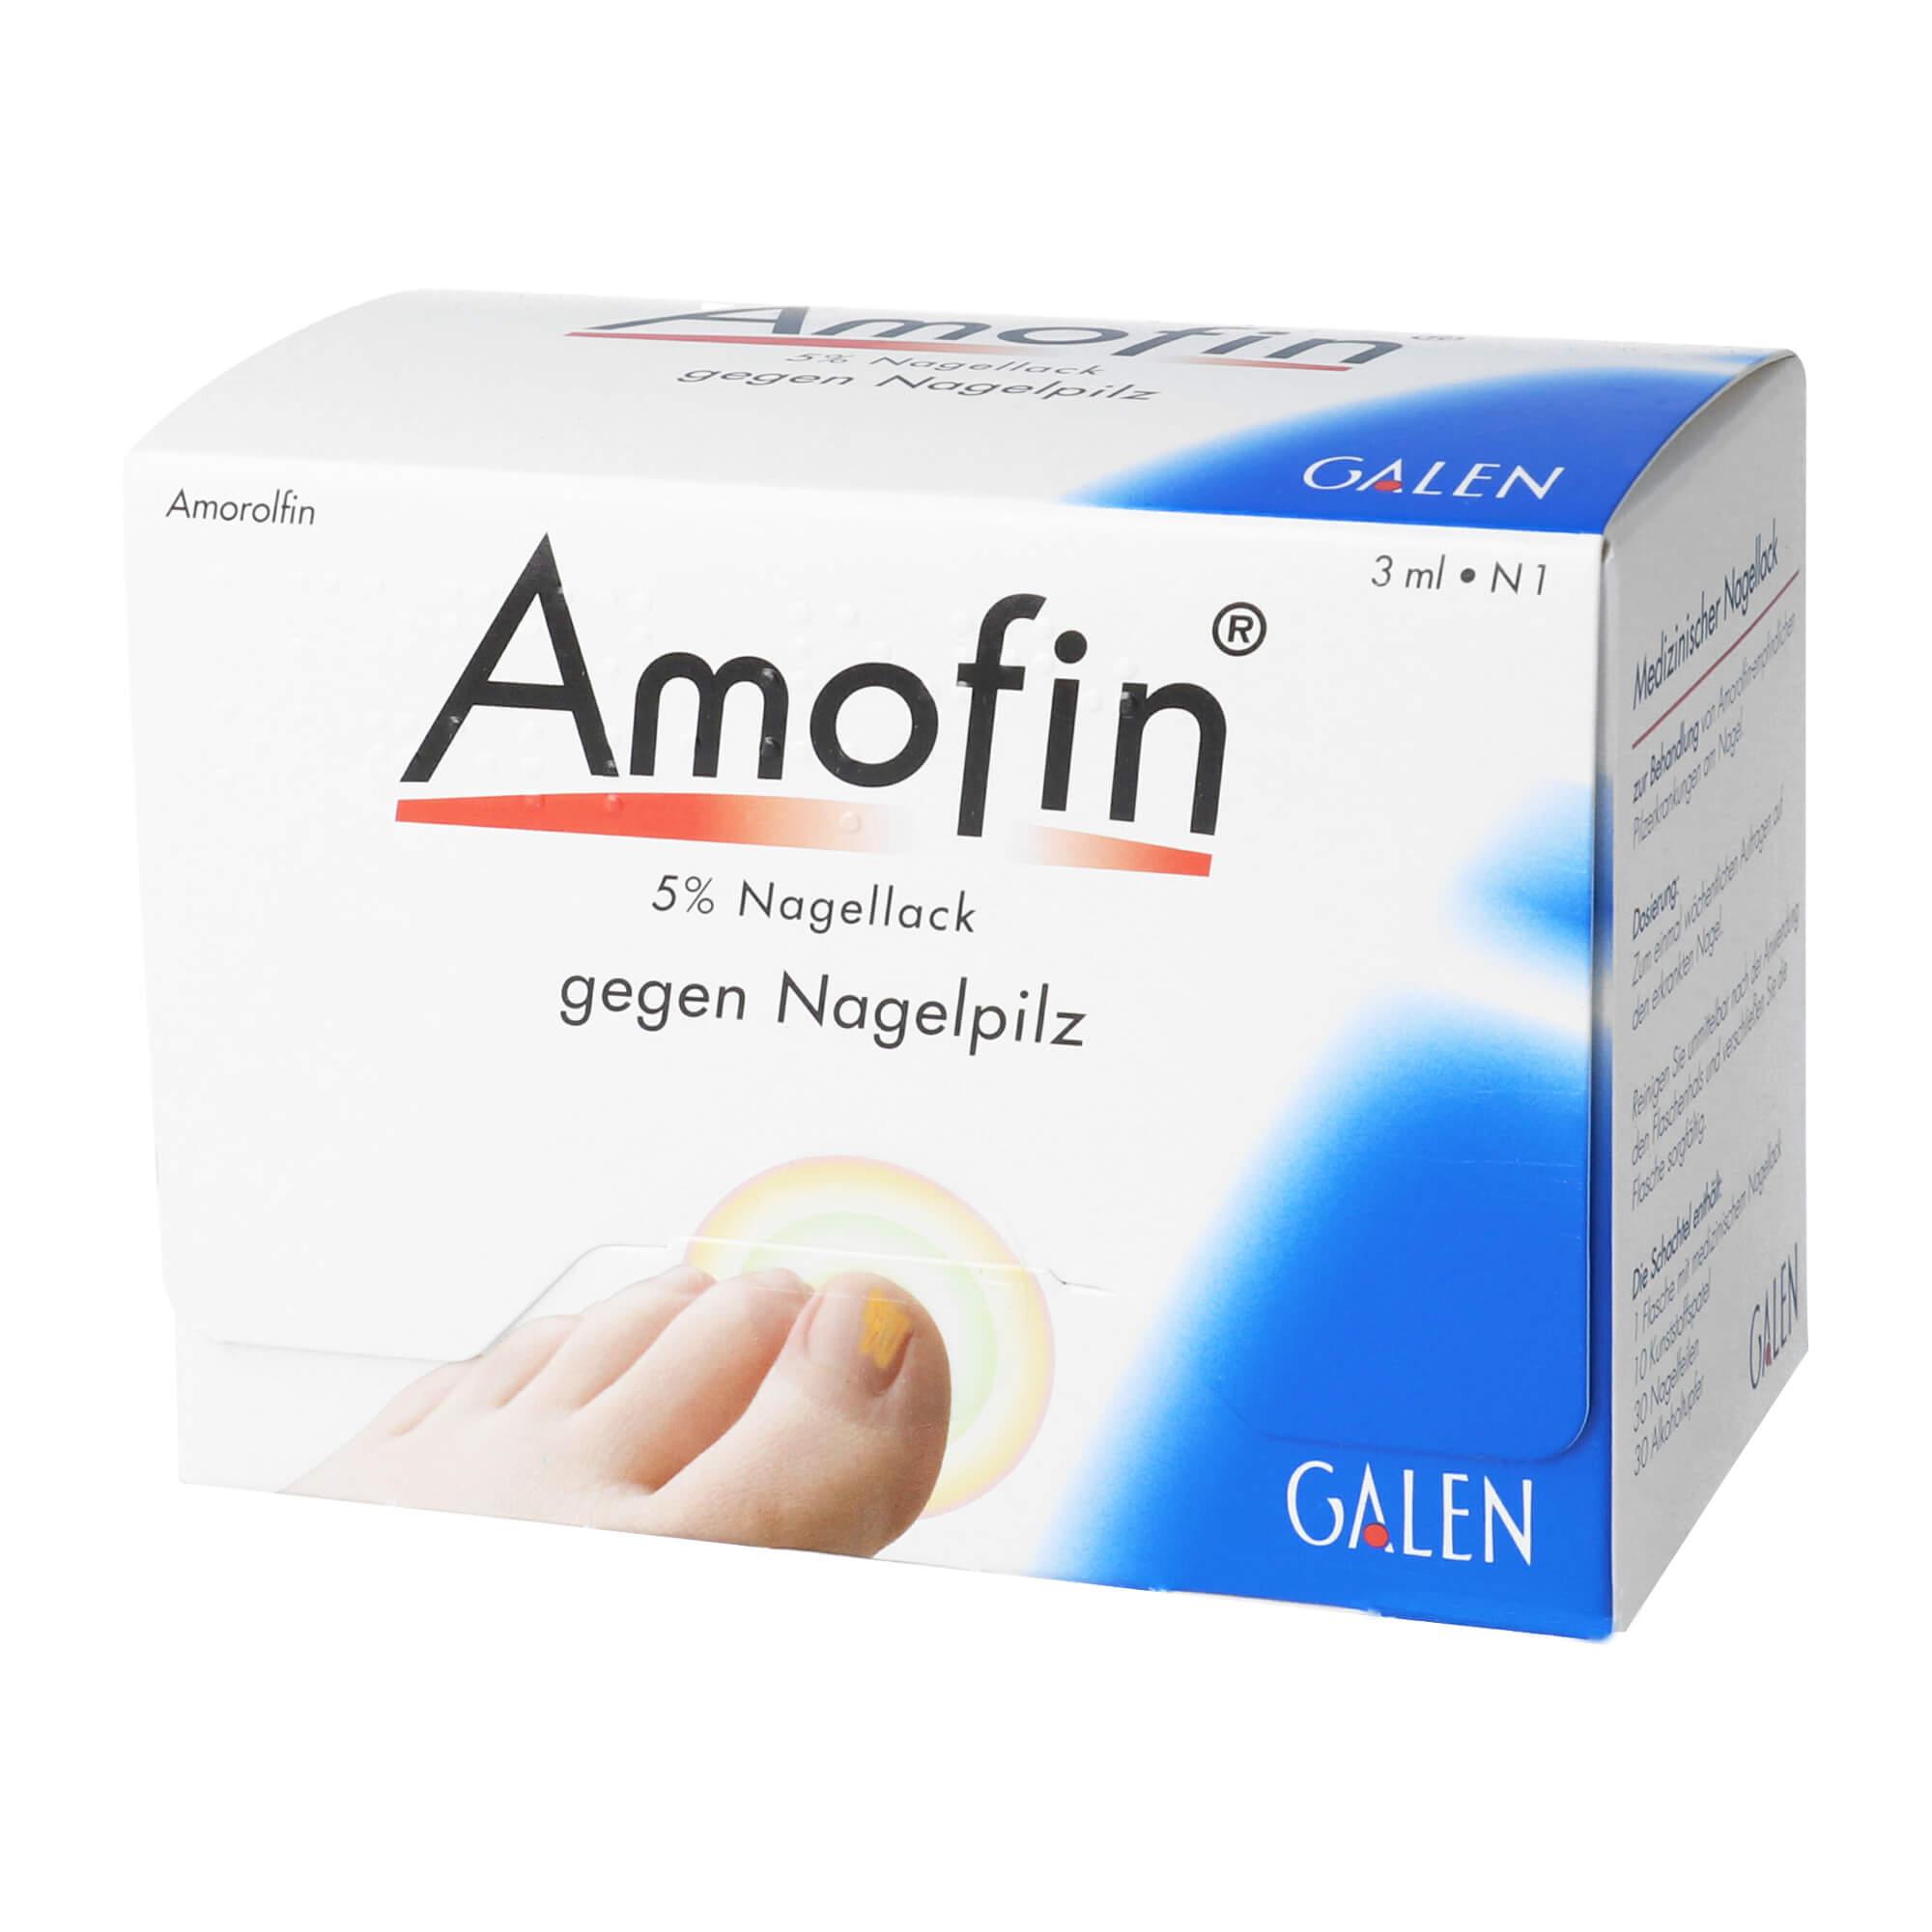 Amofin 5% Nagellack